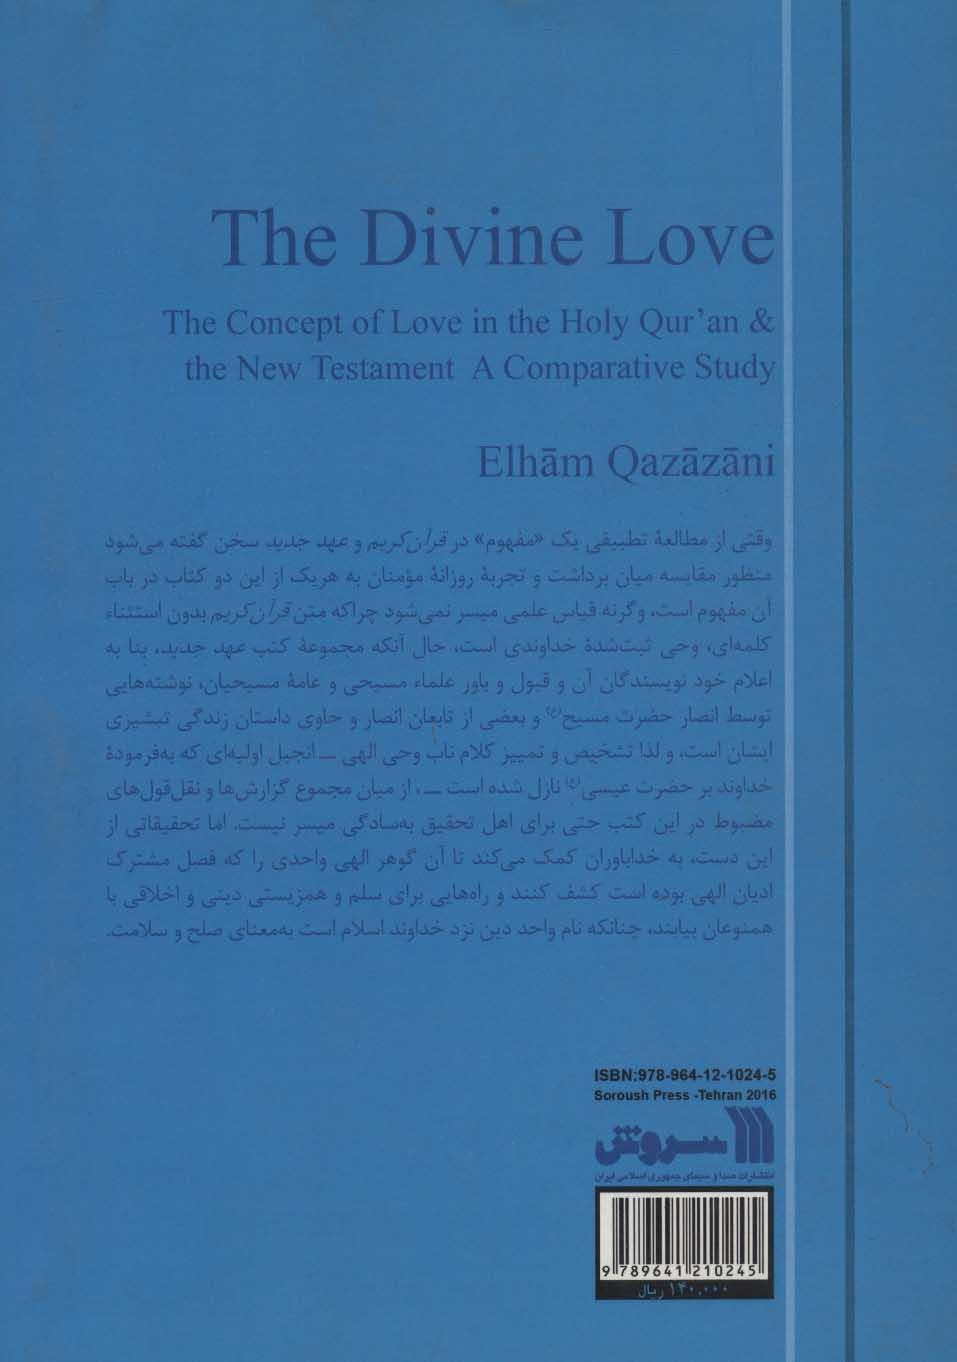 محبت الهی (بررسی تطبیقی مفهوم محبت در قرآن کریم و عهد جدید)